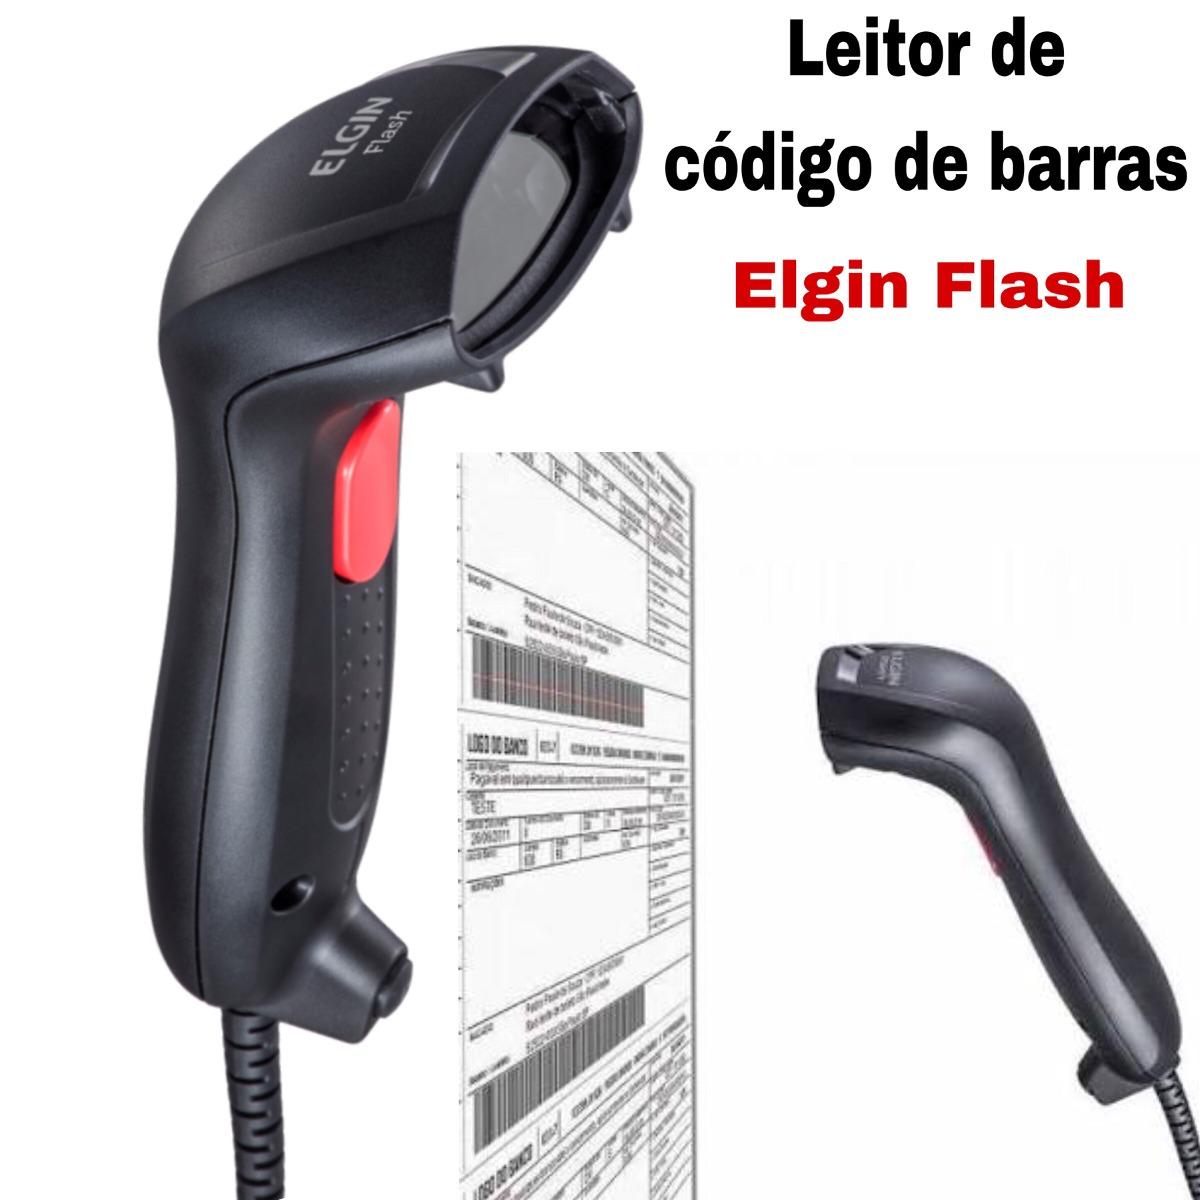 a385ba085 leitor de código de barra elgin flash. Carregando zoom.